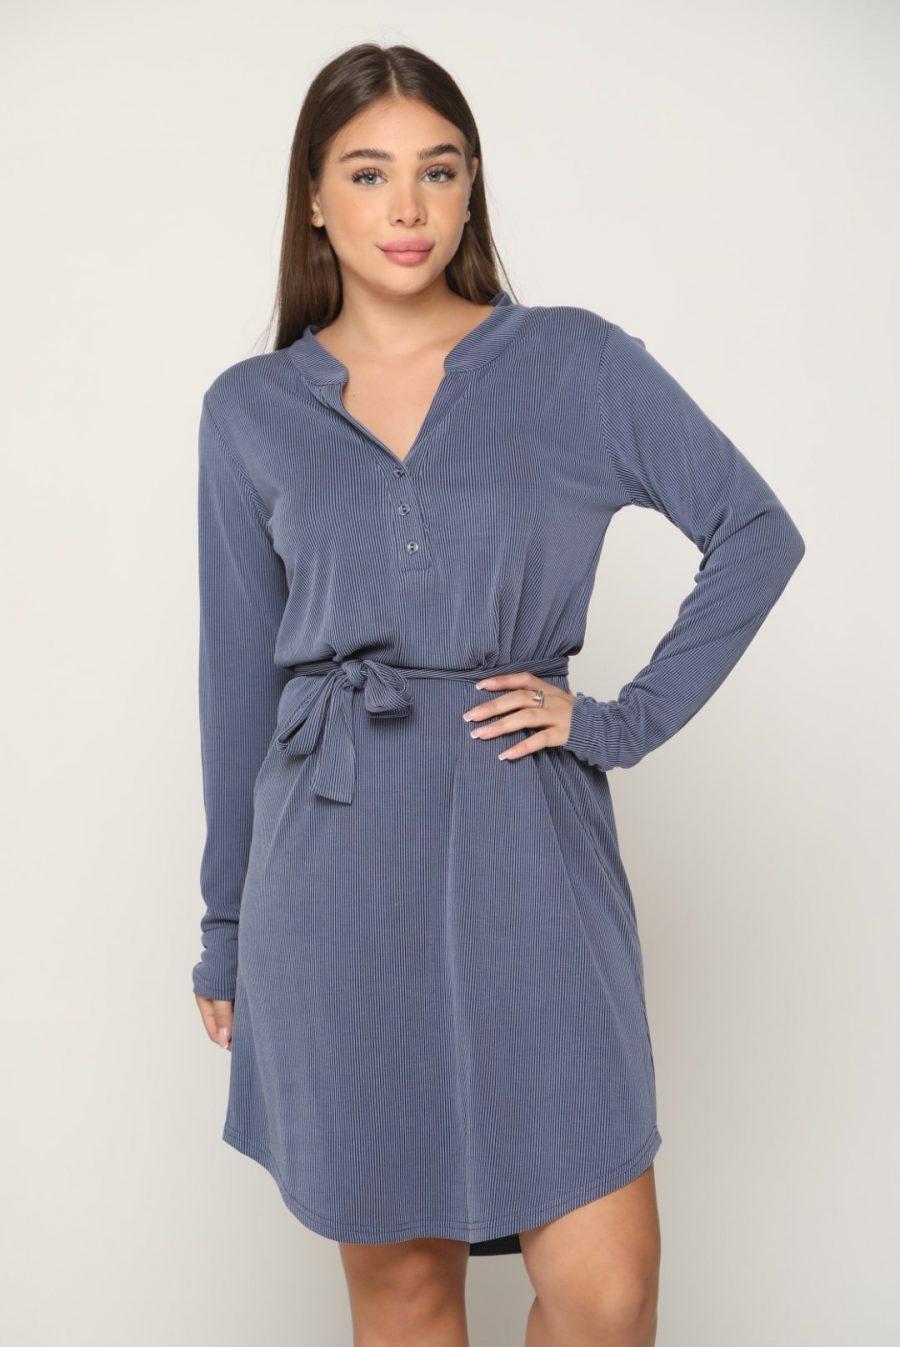 שמלה ונציה כחול ג'ינס